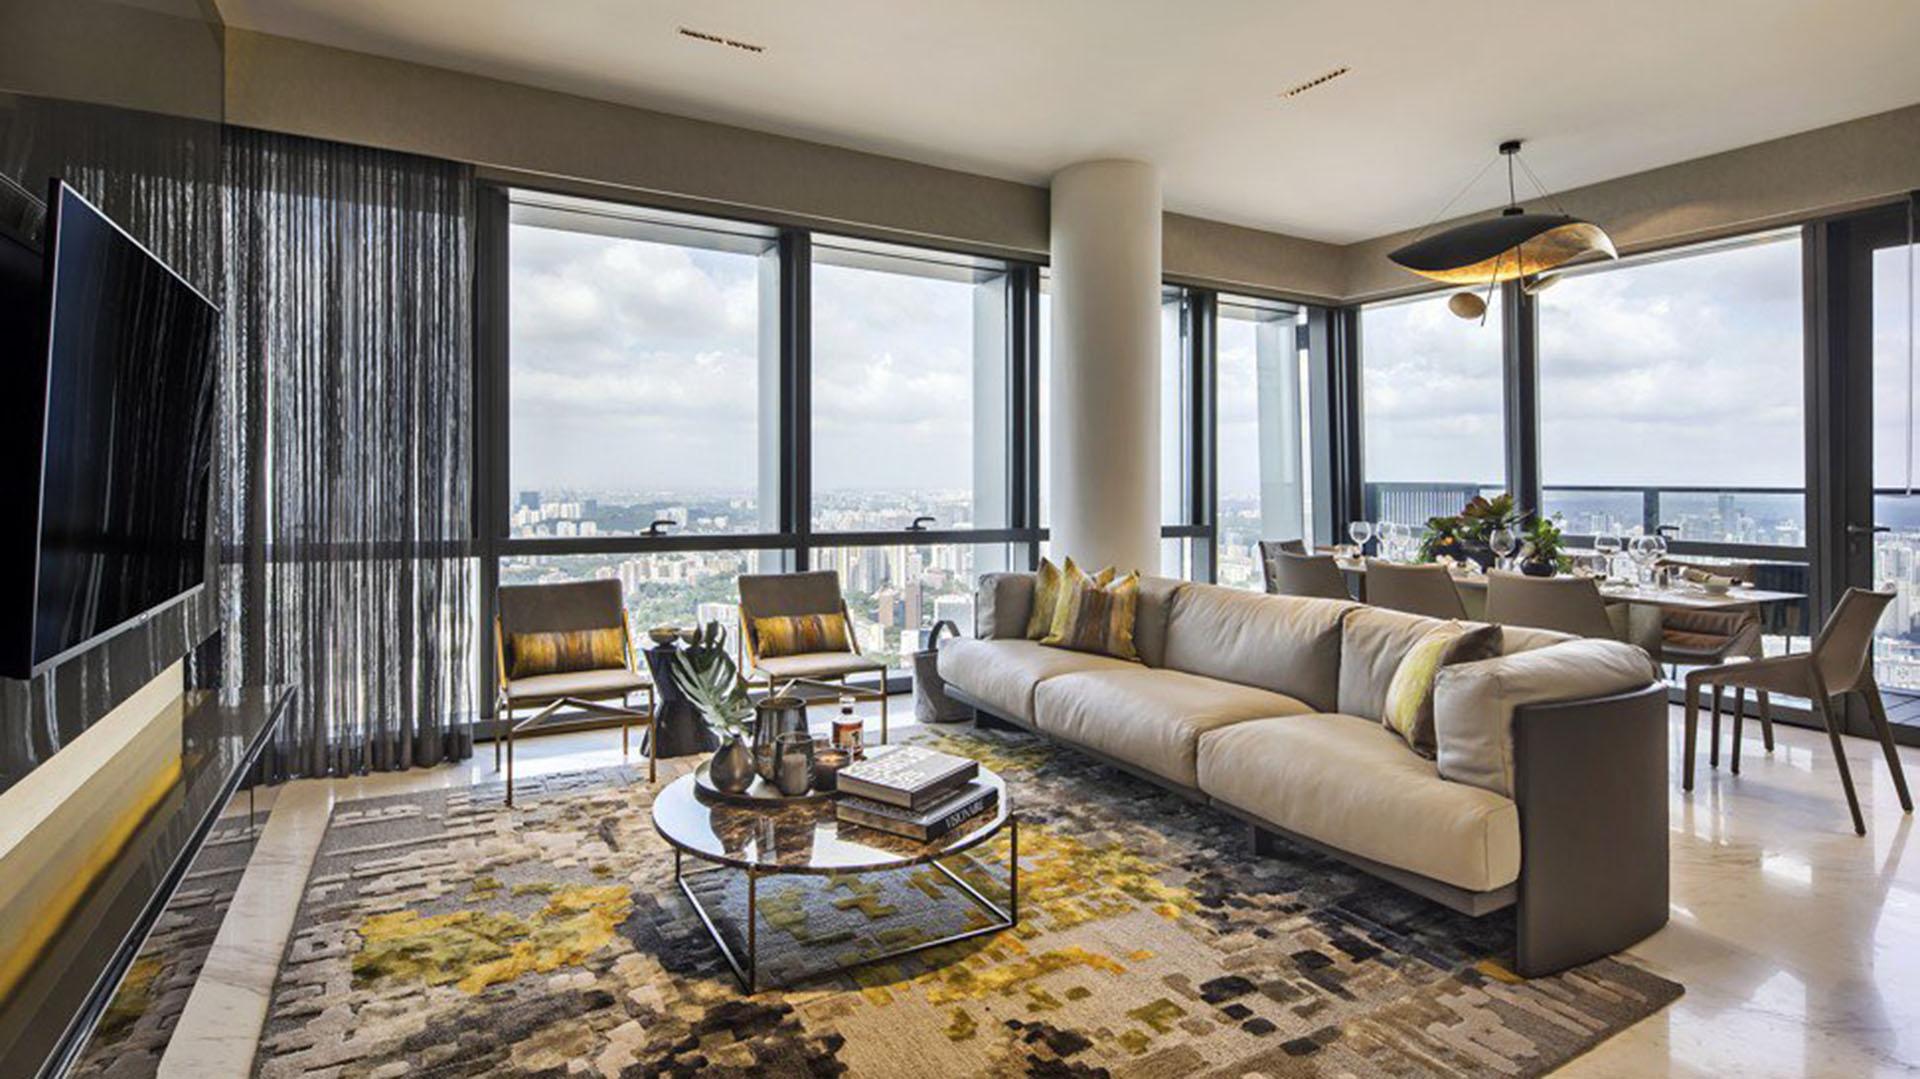 El apartamento cuenta con cinco habitaciones, cada una de ellas con su propio cuarto de baño (Keppel Land)